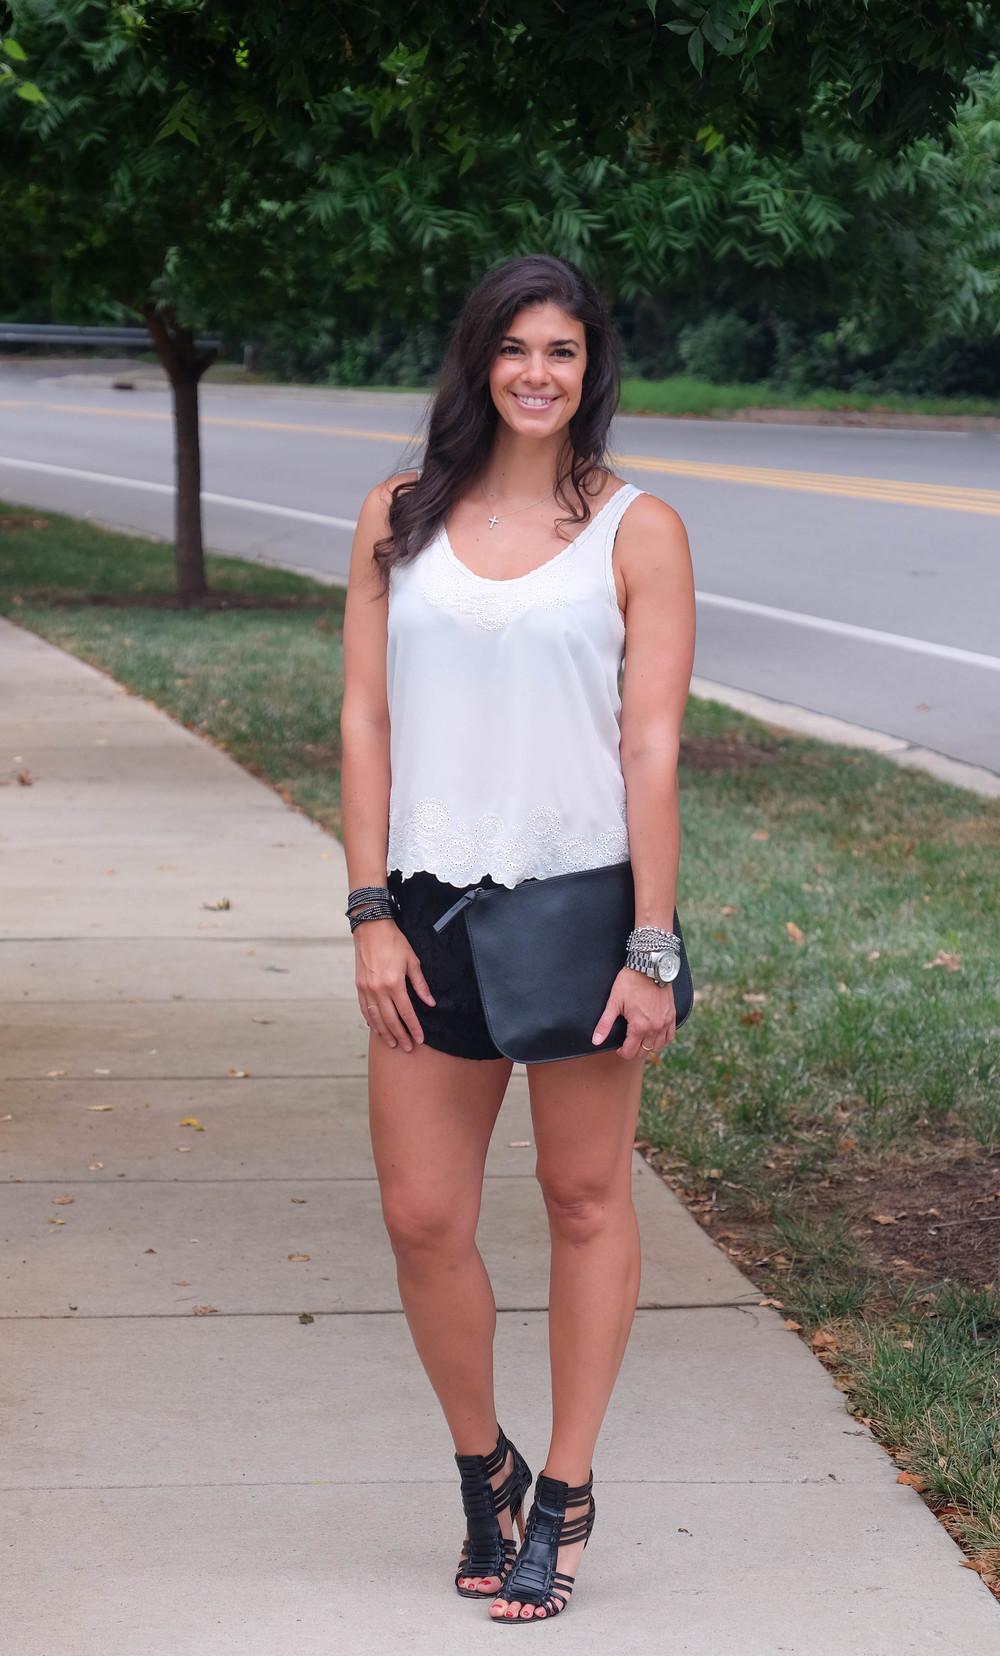 LaurenSchwaiger-Life-Style-Blog-Summer-Style-Black-White.jpg